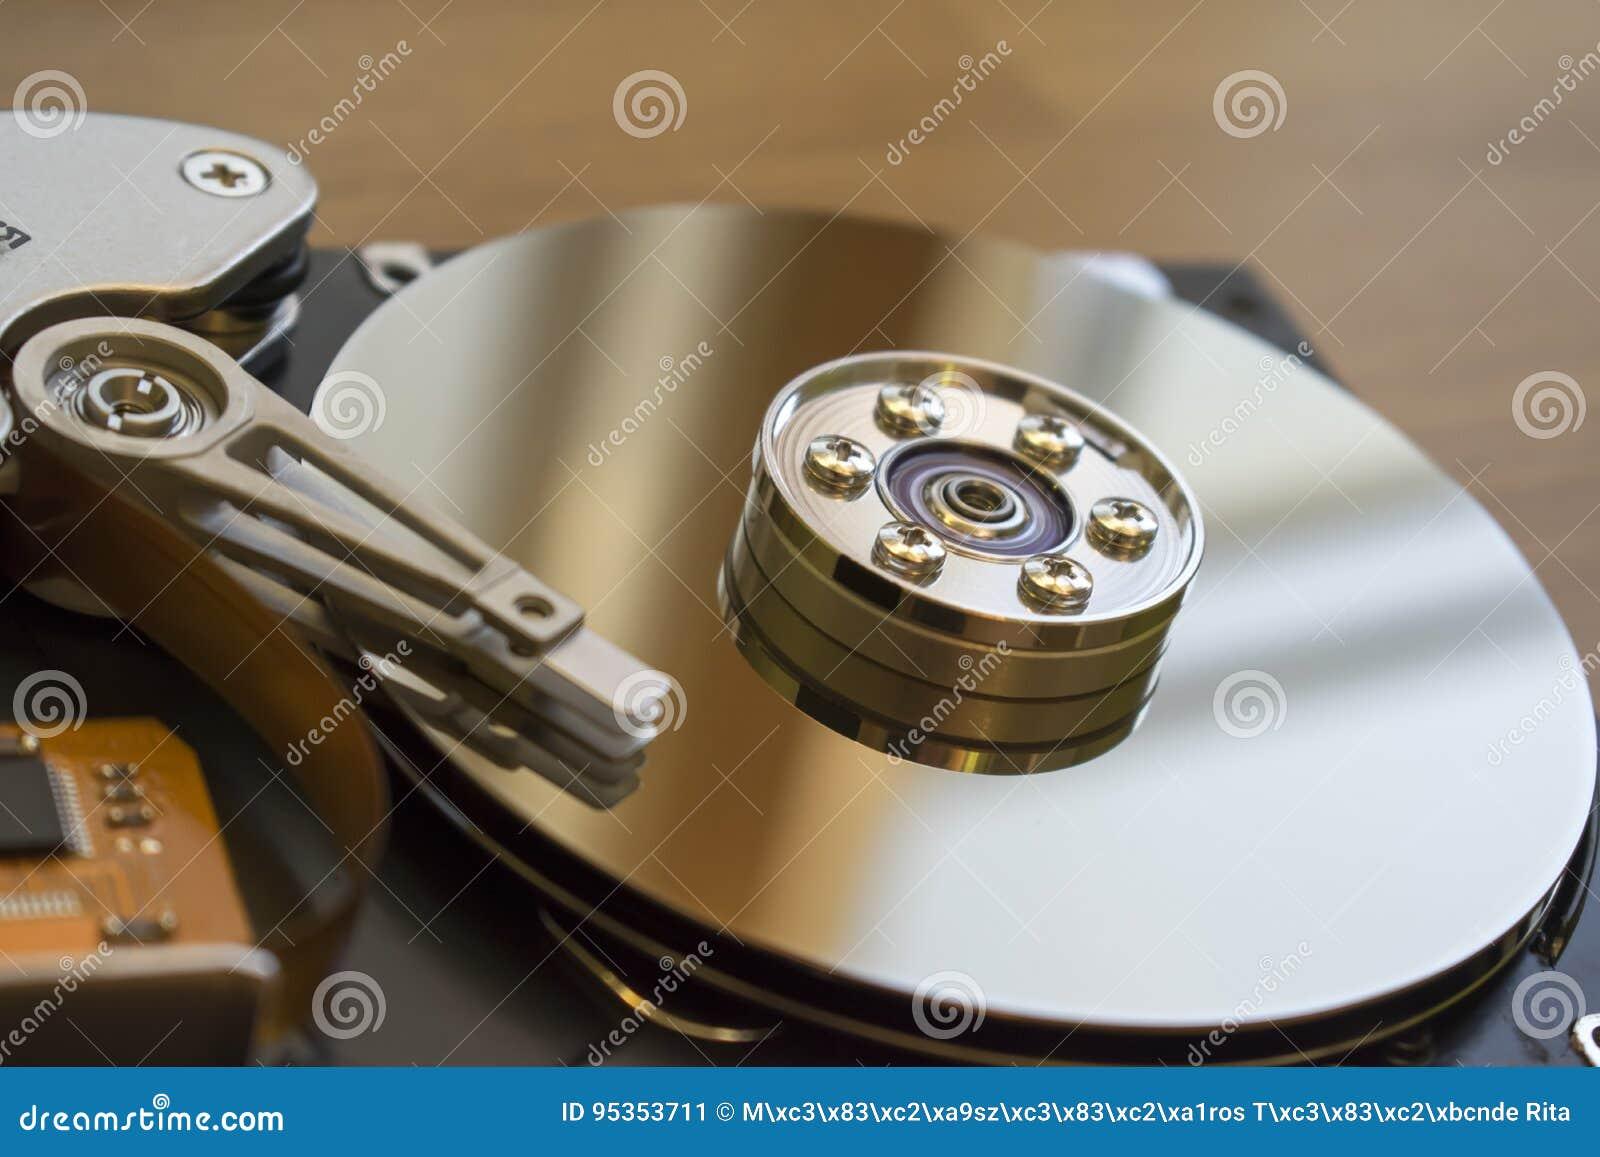 Unité de disque dur démontée à partir de l ordinateur